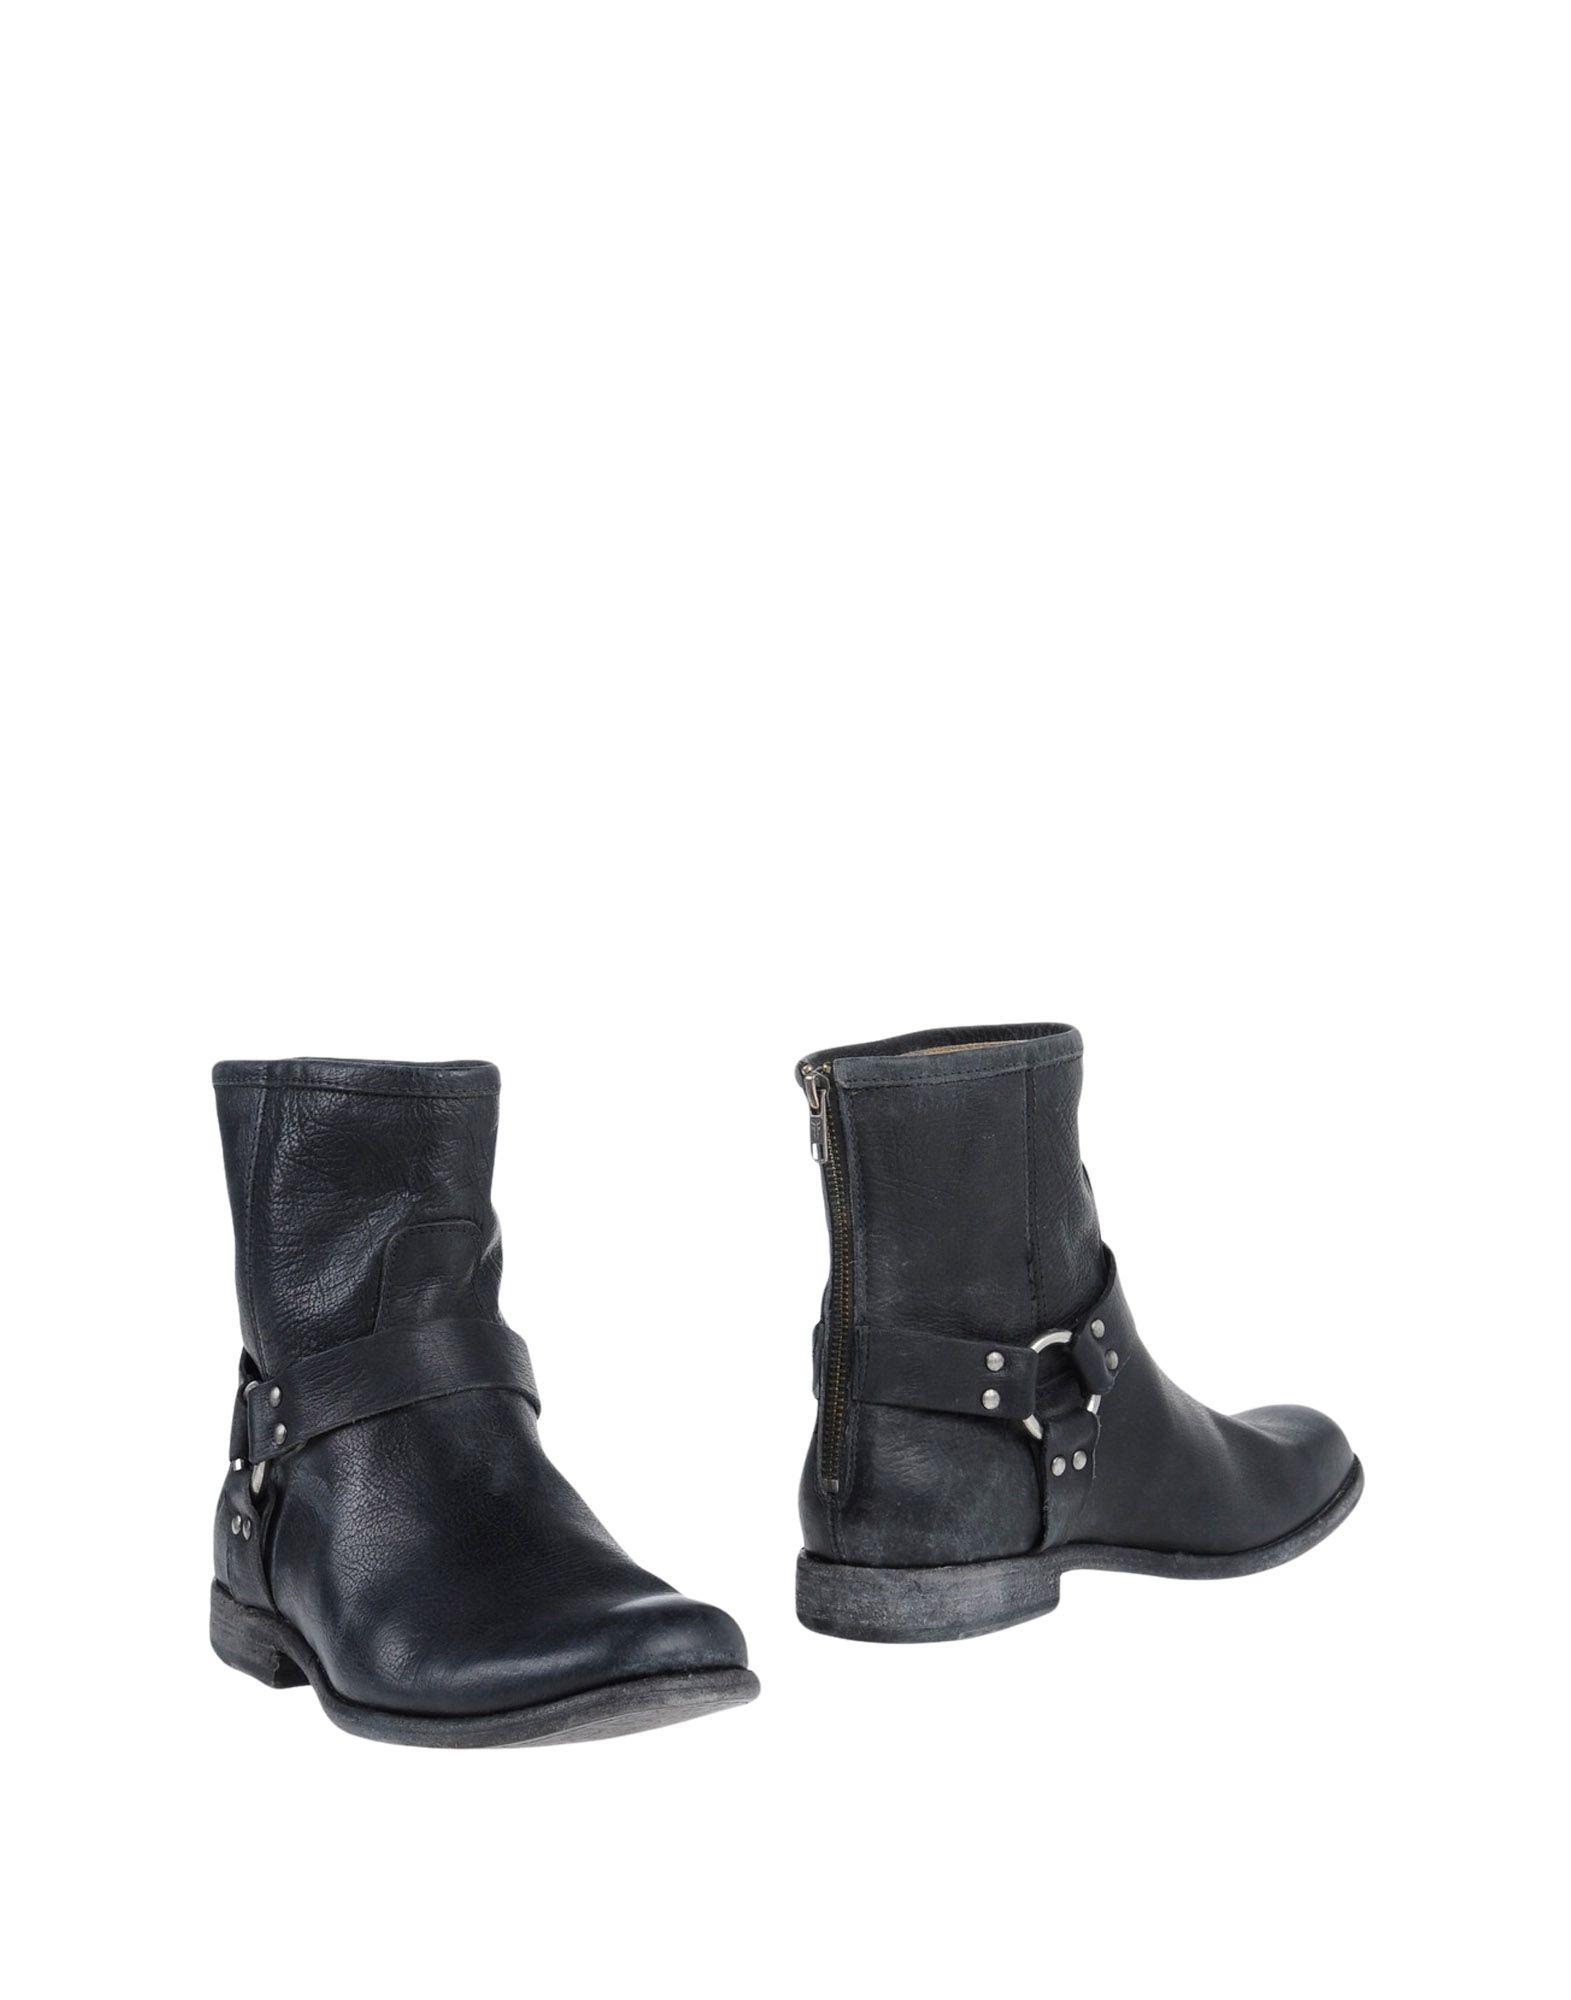 Frye Stiefelette Damen  11022344SSGut aussehende strapazierfähige Schuhe